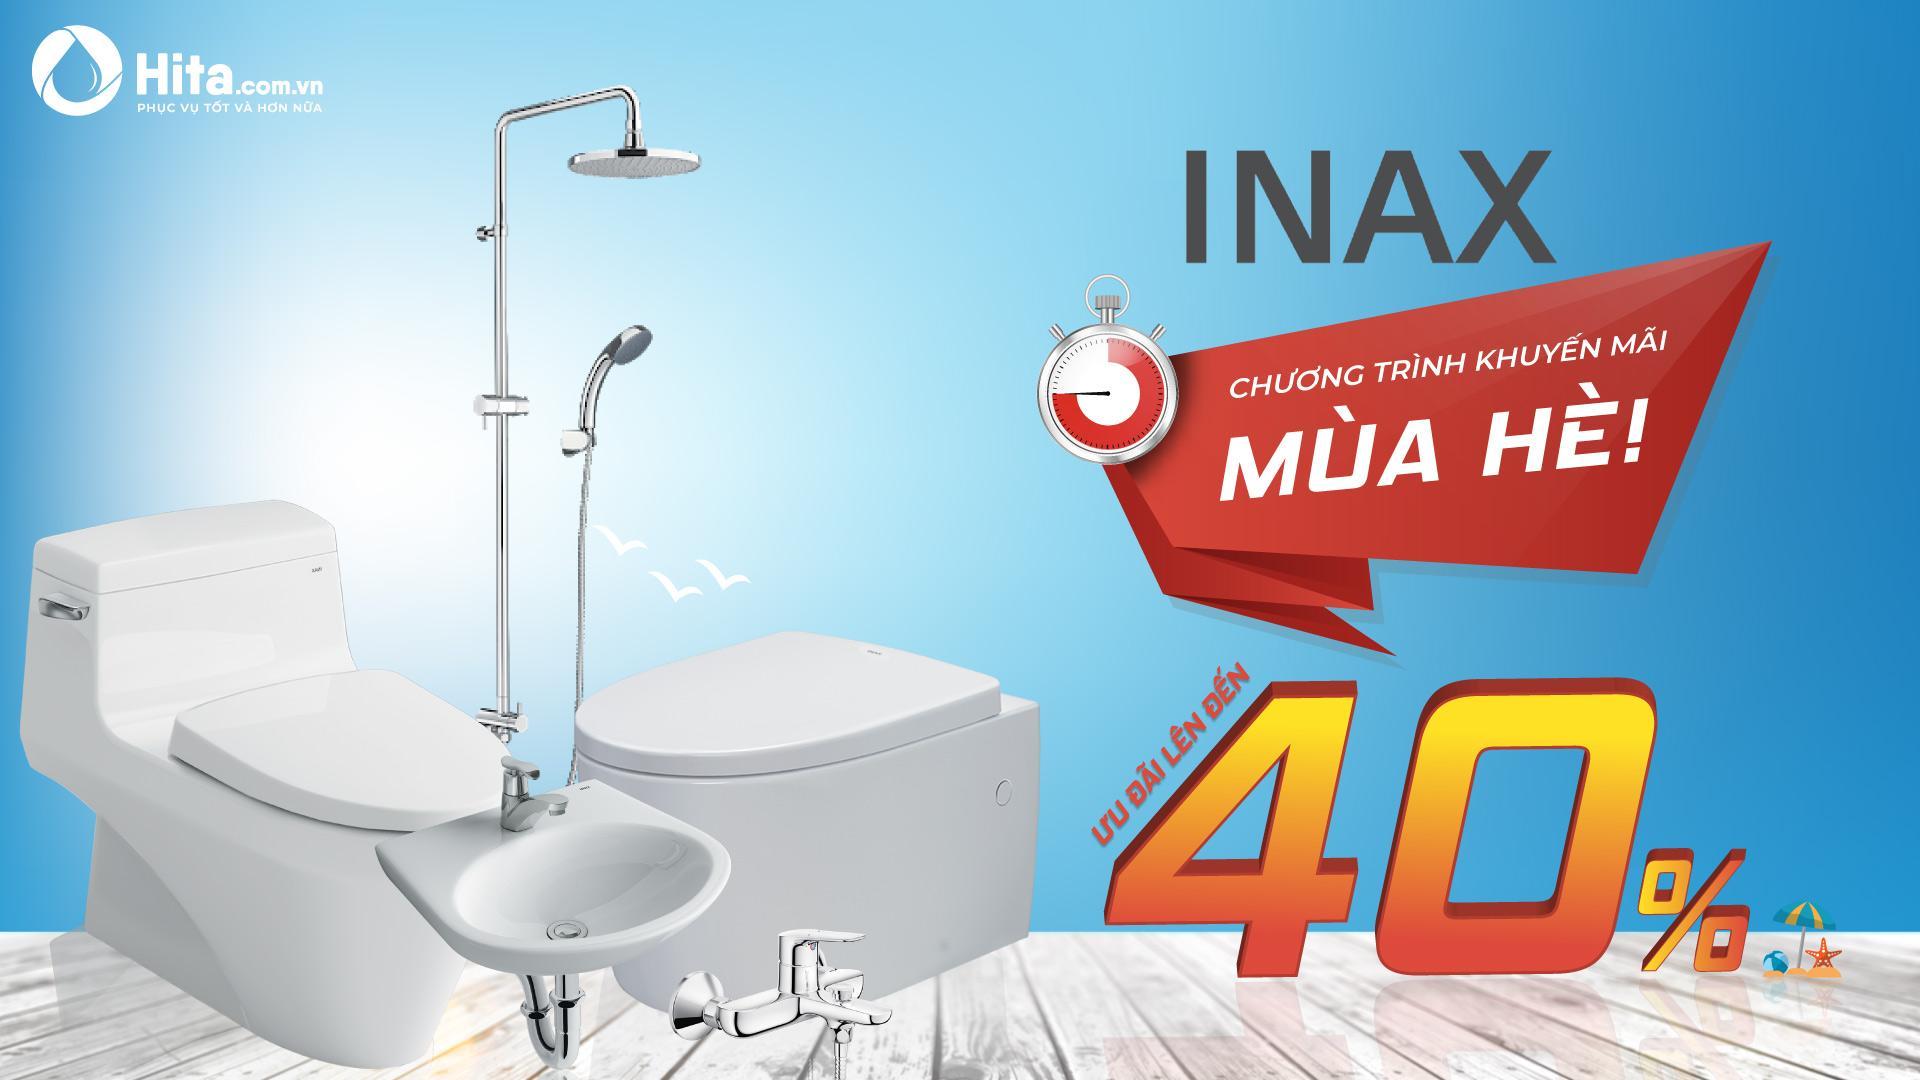 Khuyến mãi INAX lên đến 40% - Chỉ trong mùa hè này!